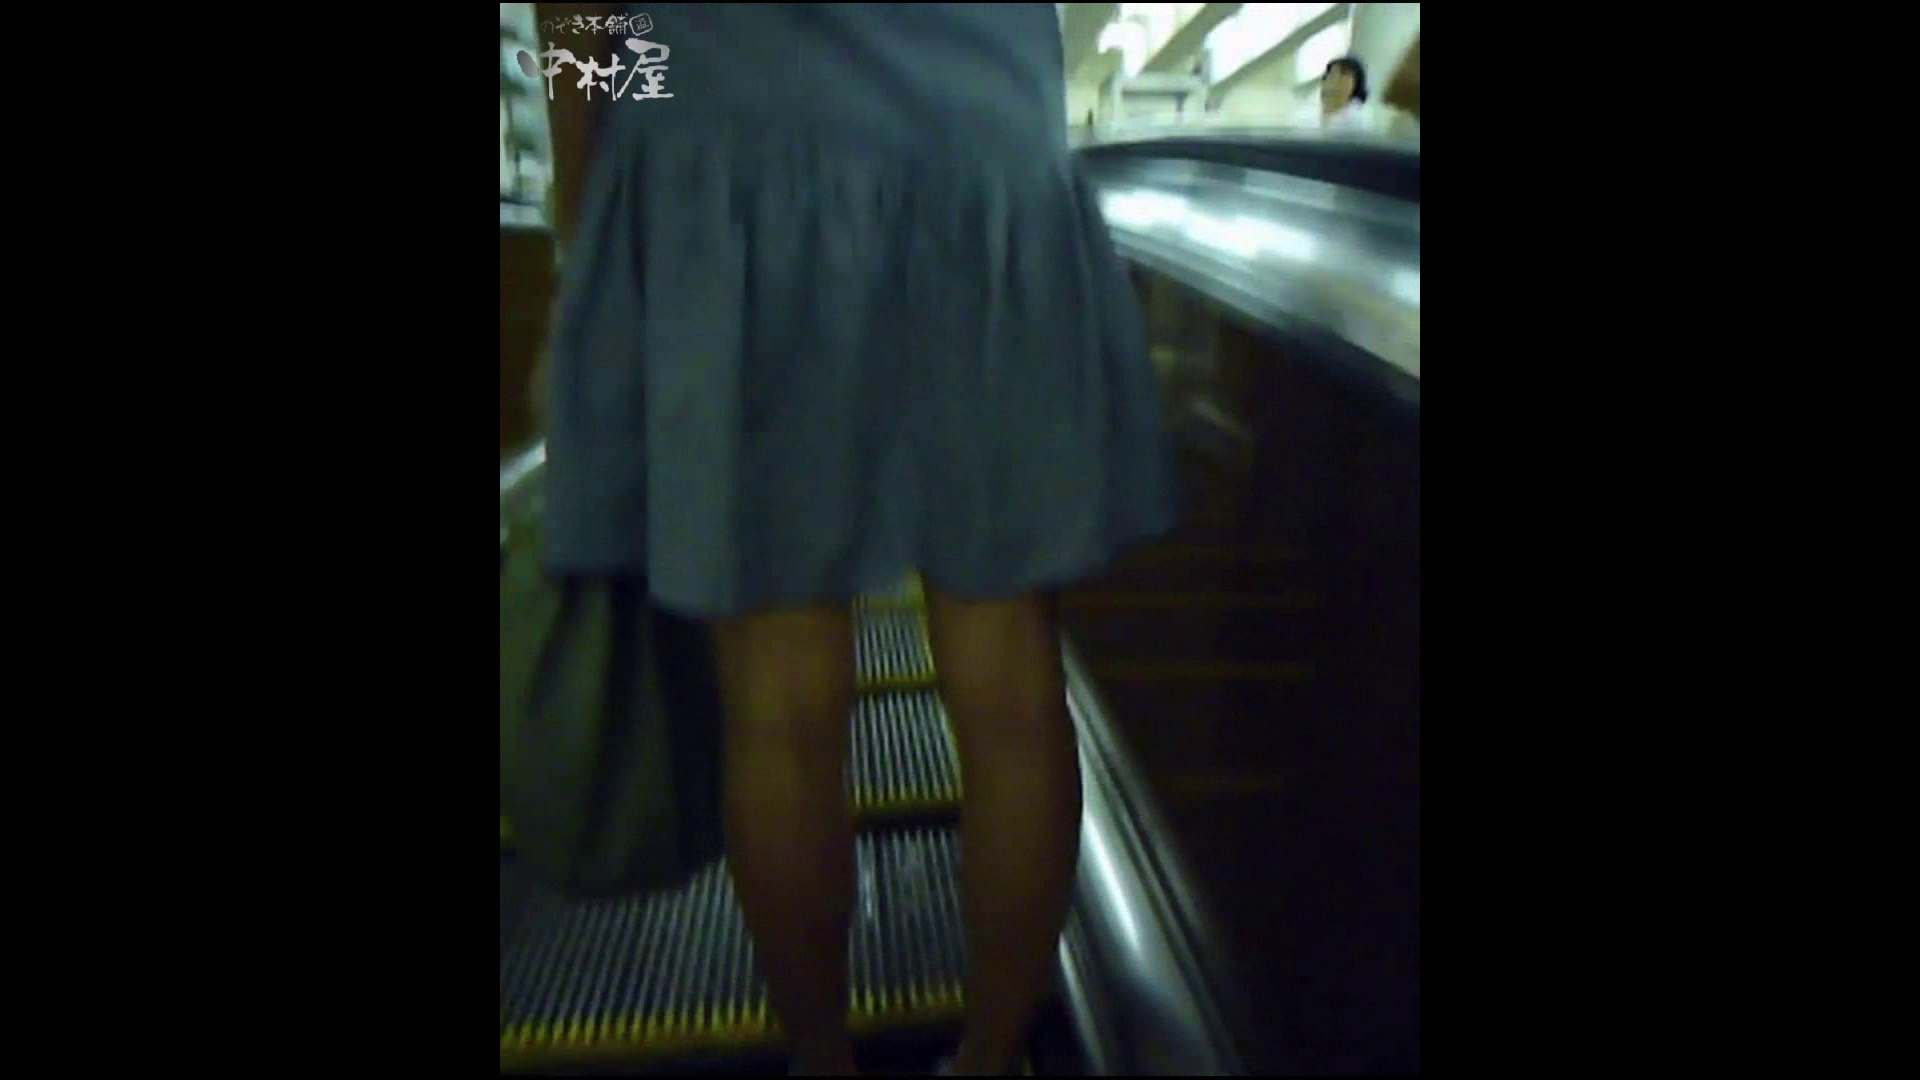 綺麗なモデルさんのスカート捲っちゃおう‼ vol26 お姉さんのエロ動画  77PIX 68